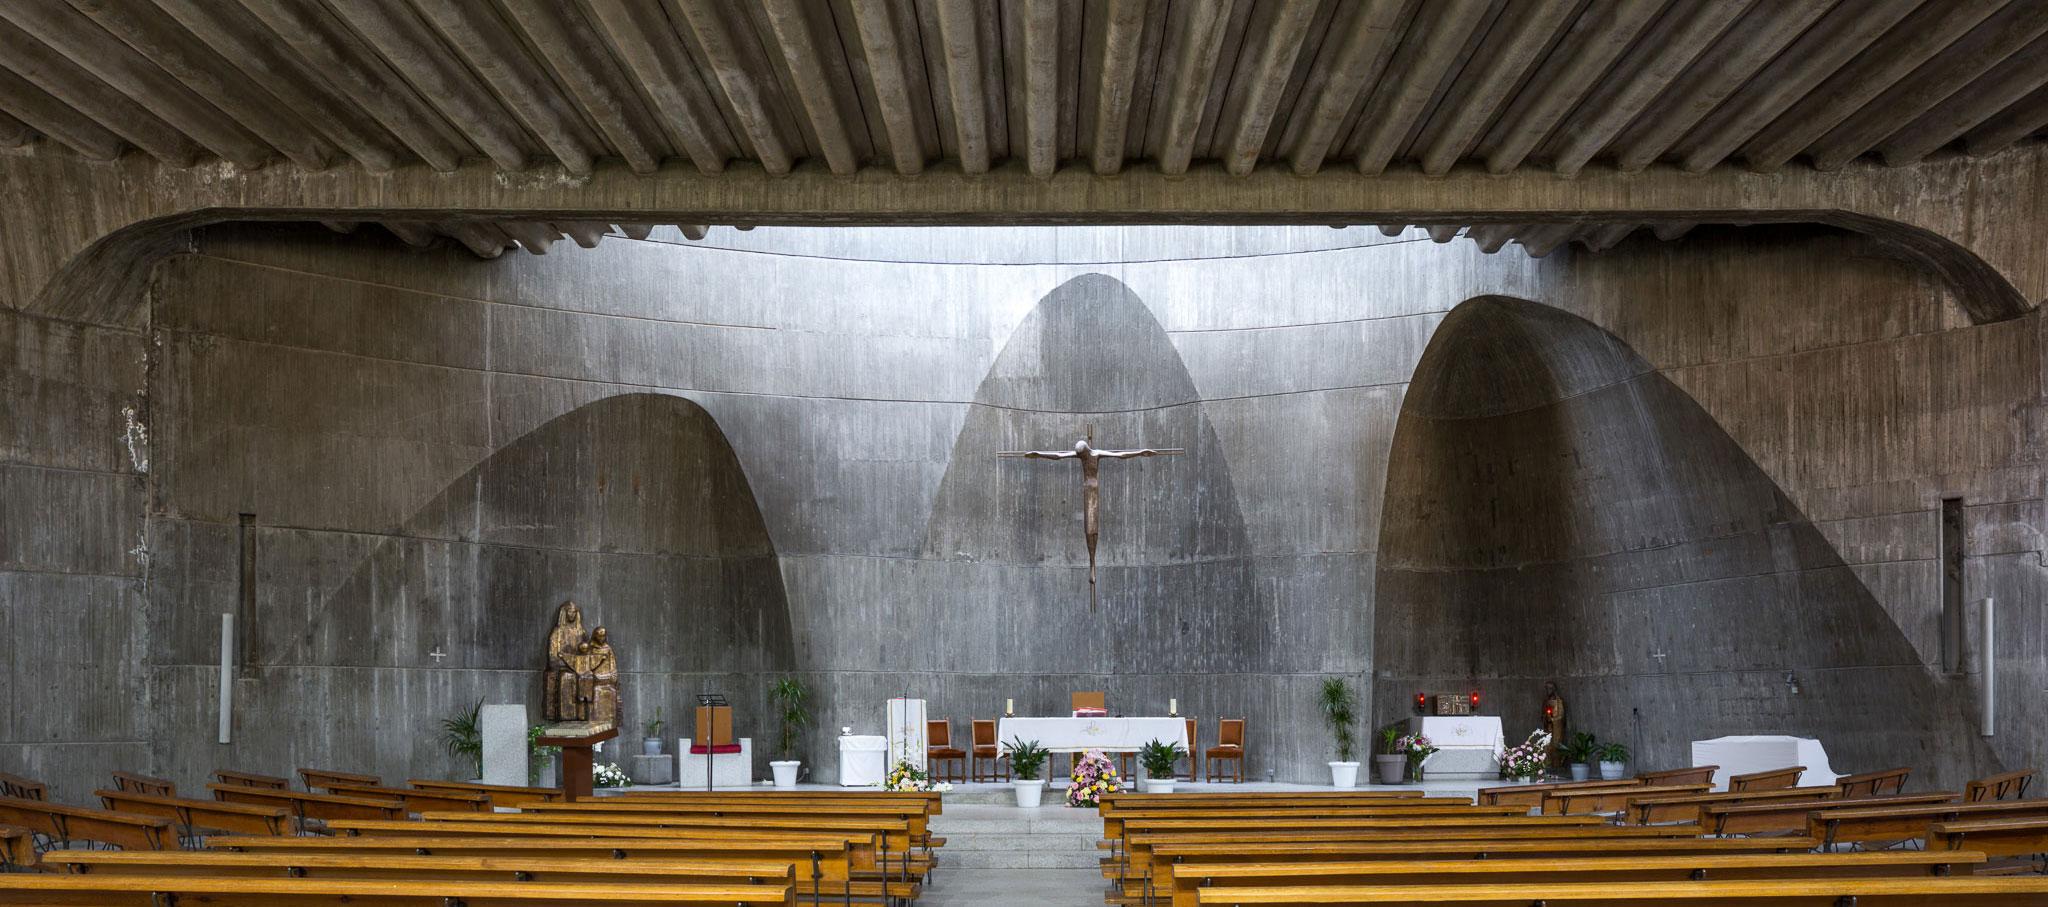 Conjunto Parroquial de Santa Ana y la Esperanza en Moratalaz, Madrid, por Miguel Fisac. Fotografía © Simón García | arqfoto.com